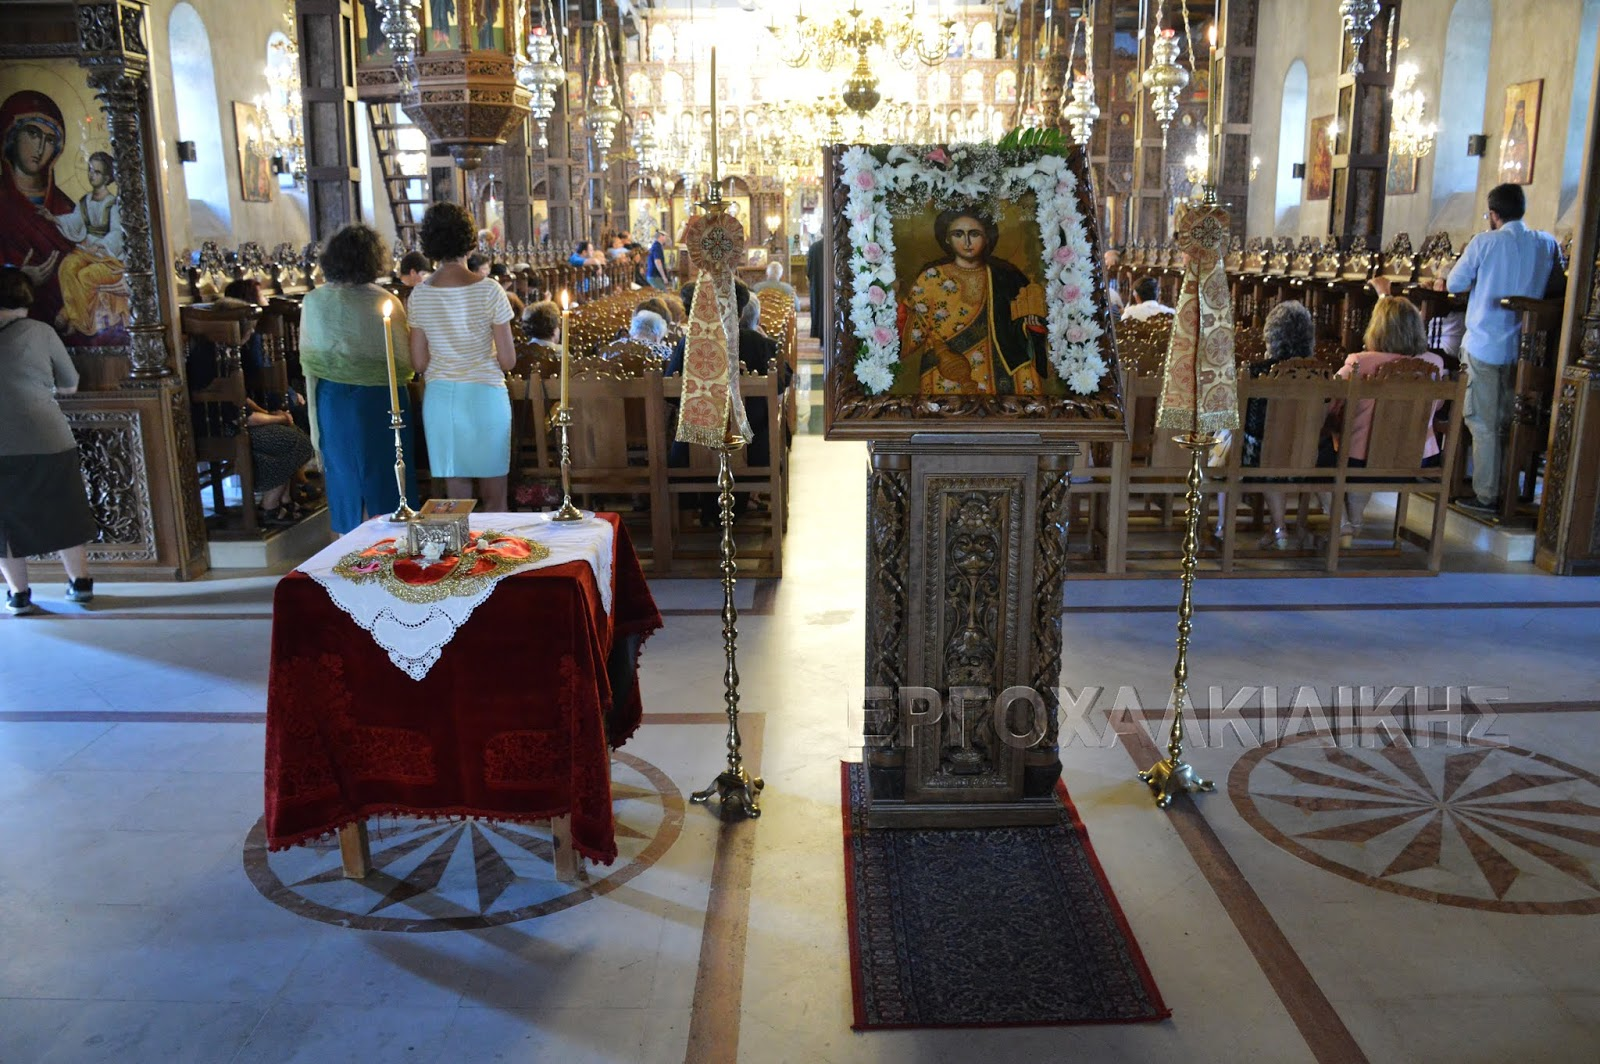 Ο εορτασμός της  ανακομιδής των ιερών λειψάνων του Αγίου Στεφάνου του ''Μελισσά''στην Αρναία (βίντεο φώτο)